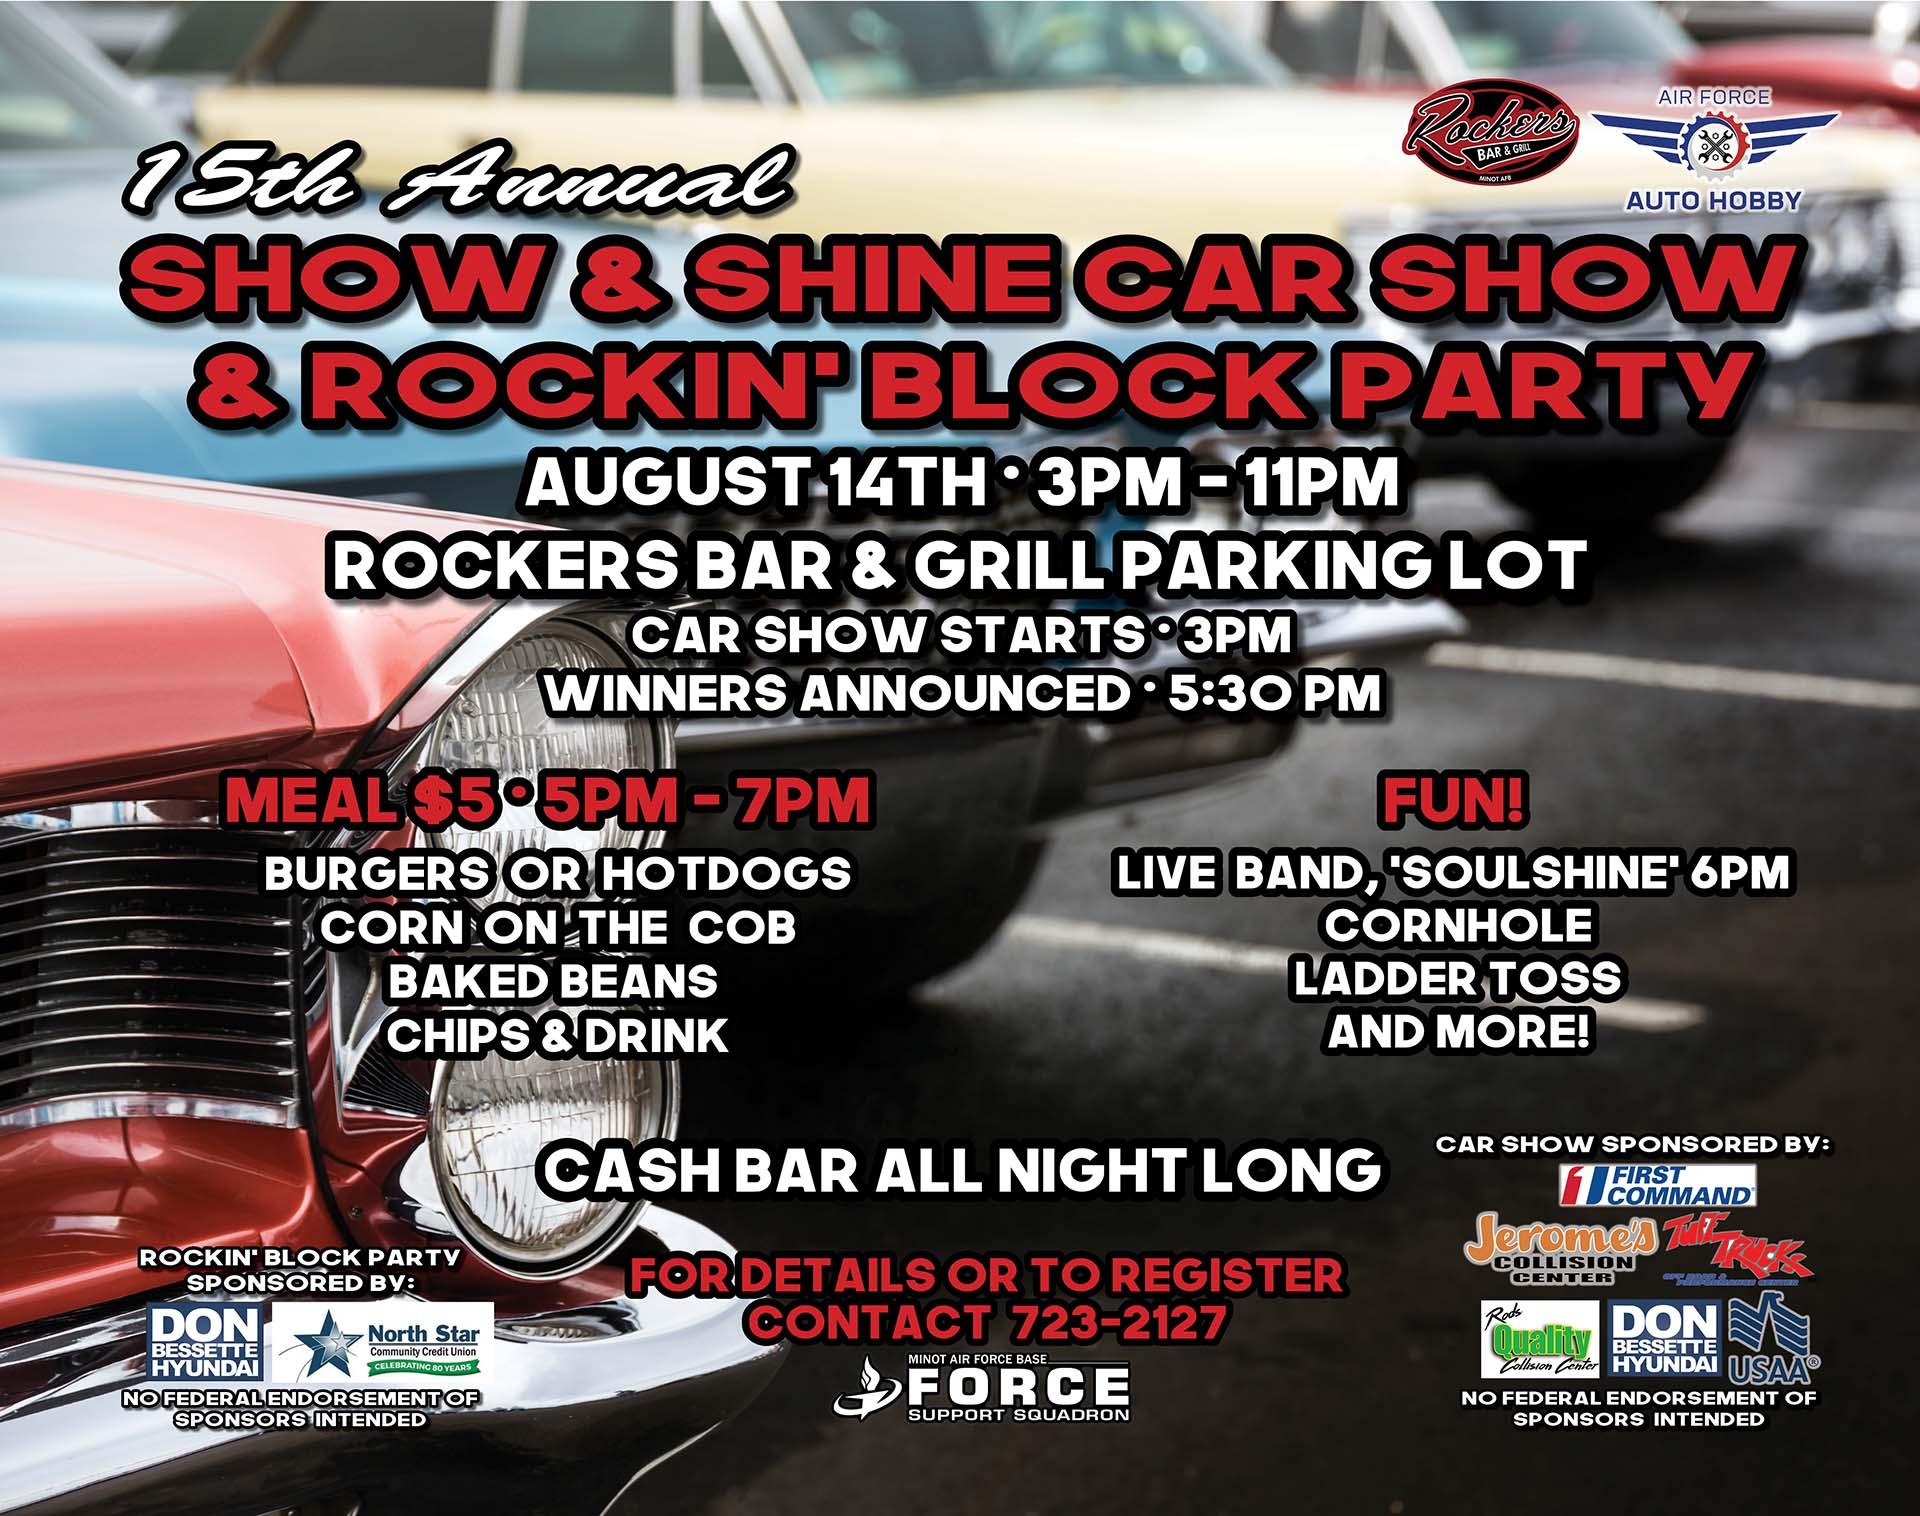 Registration Ends: Show & Shine Car Show